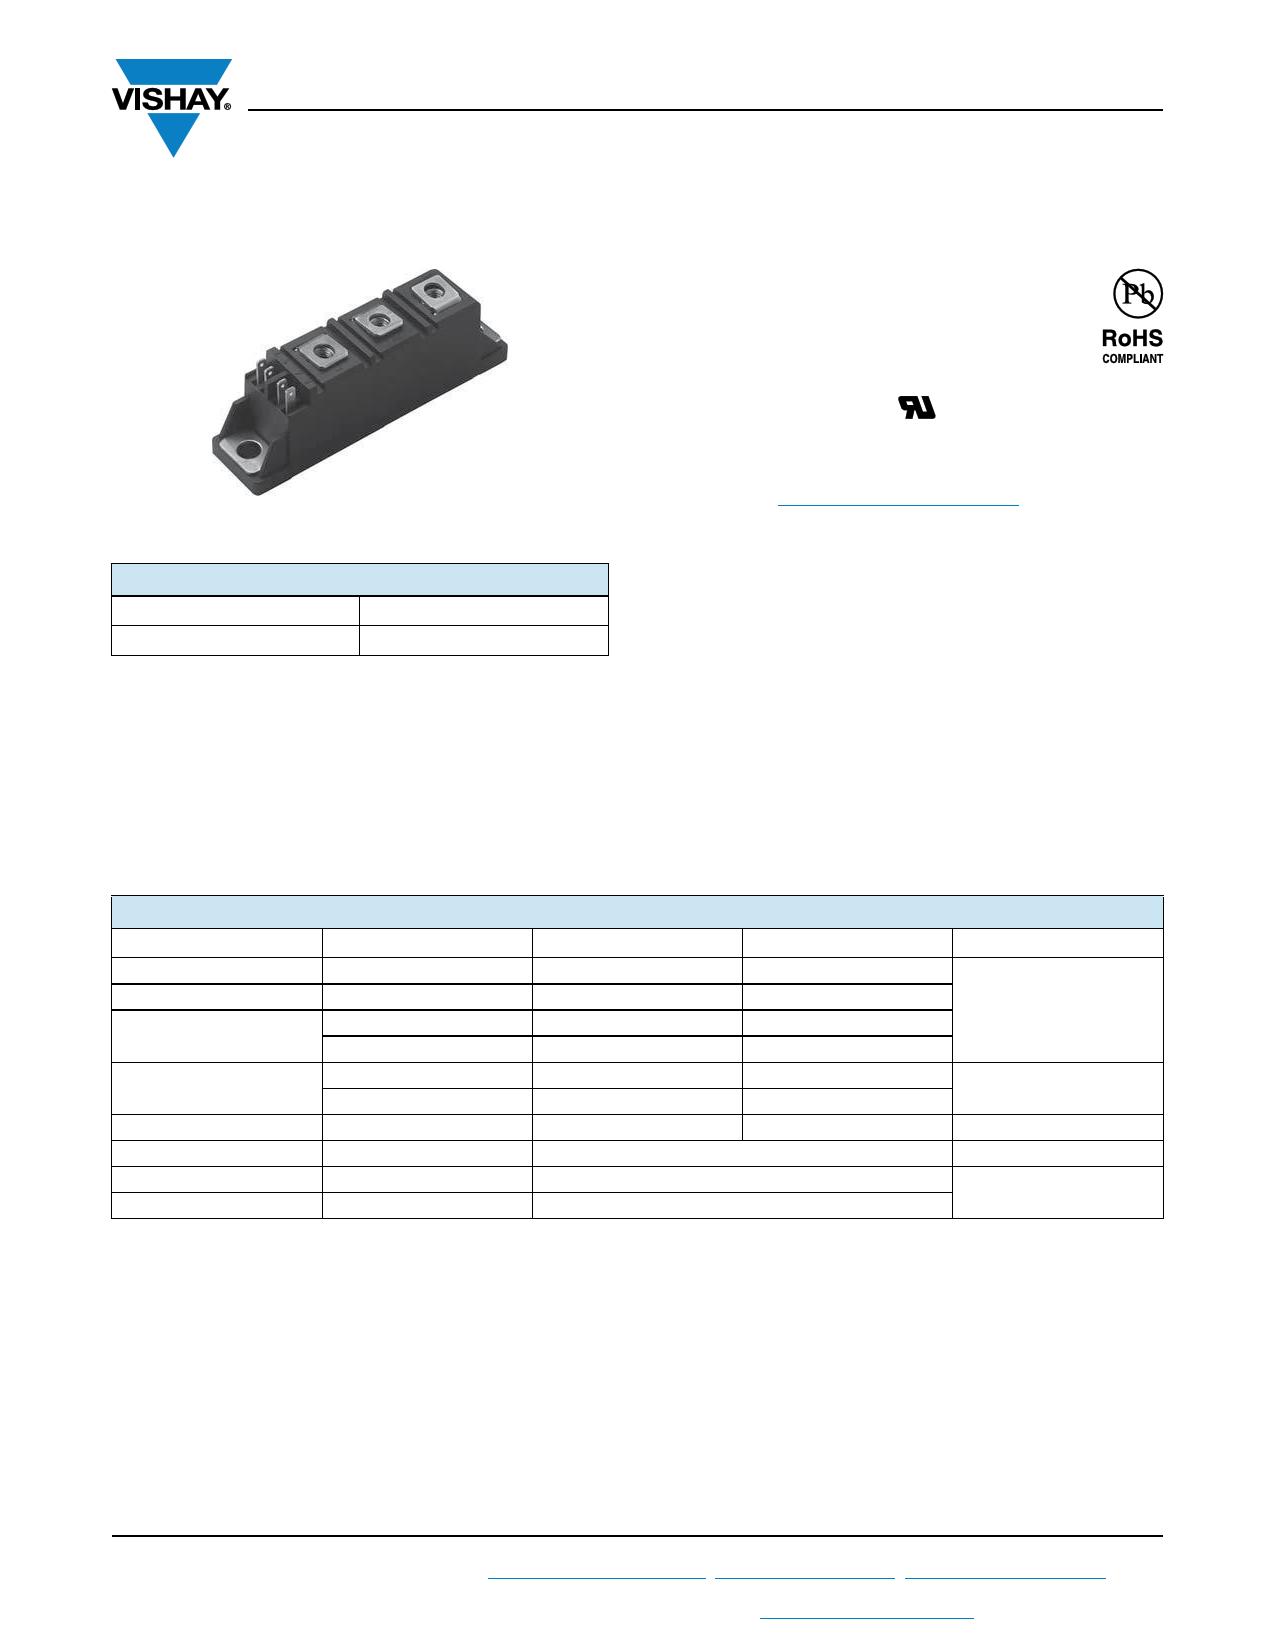 VSKL41-08P Datasheet, VSKL41-08P PDF,ピン配置, 機能